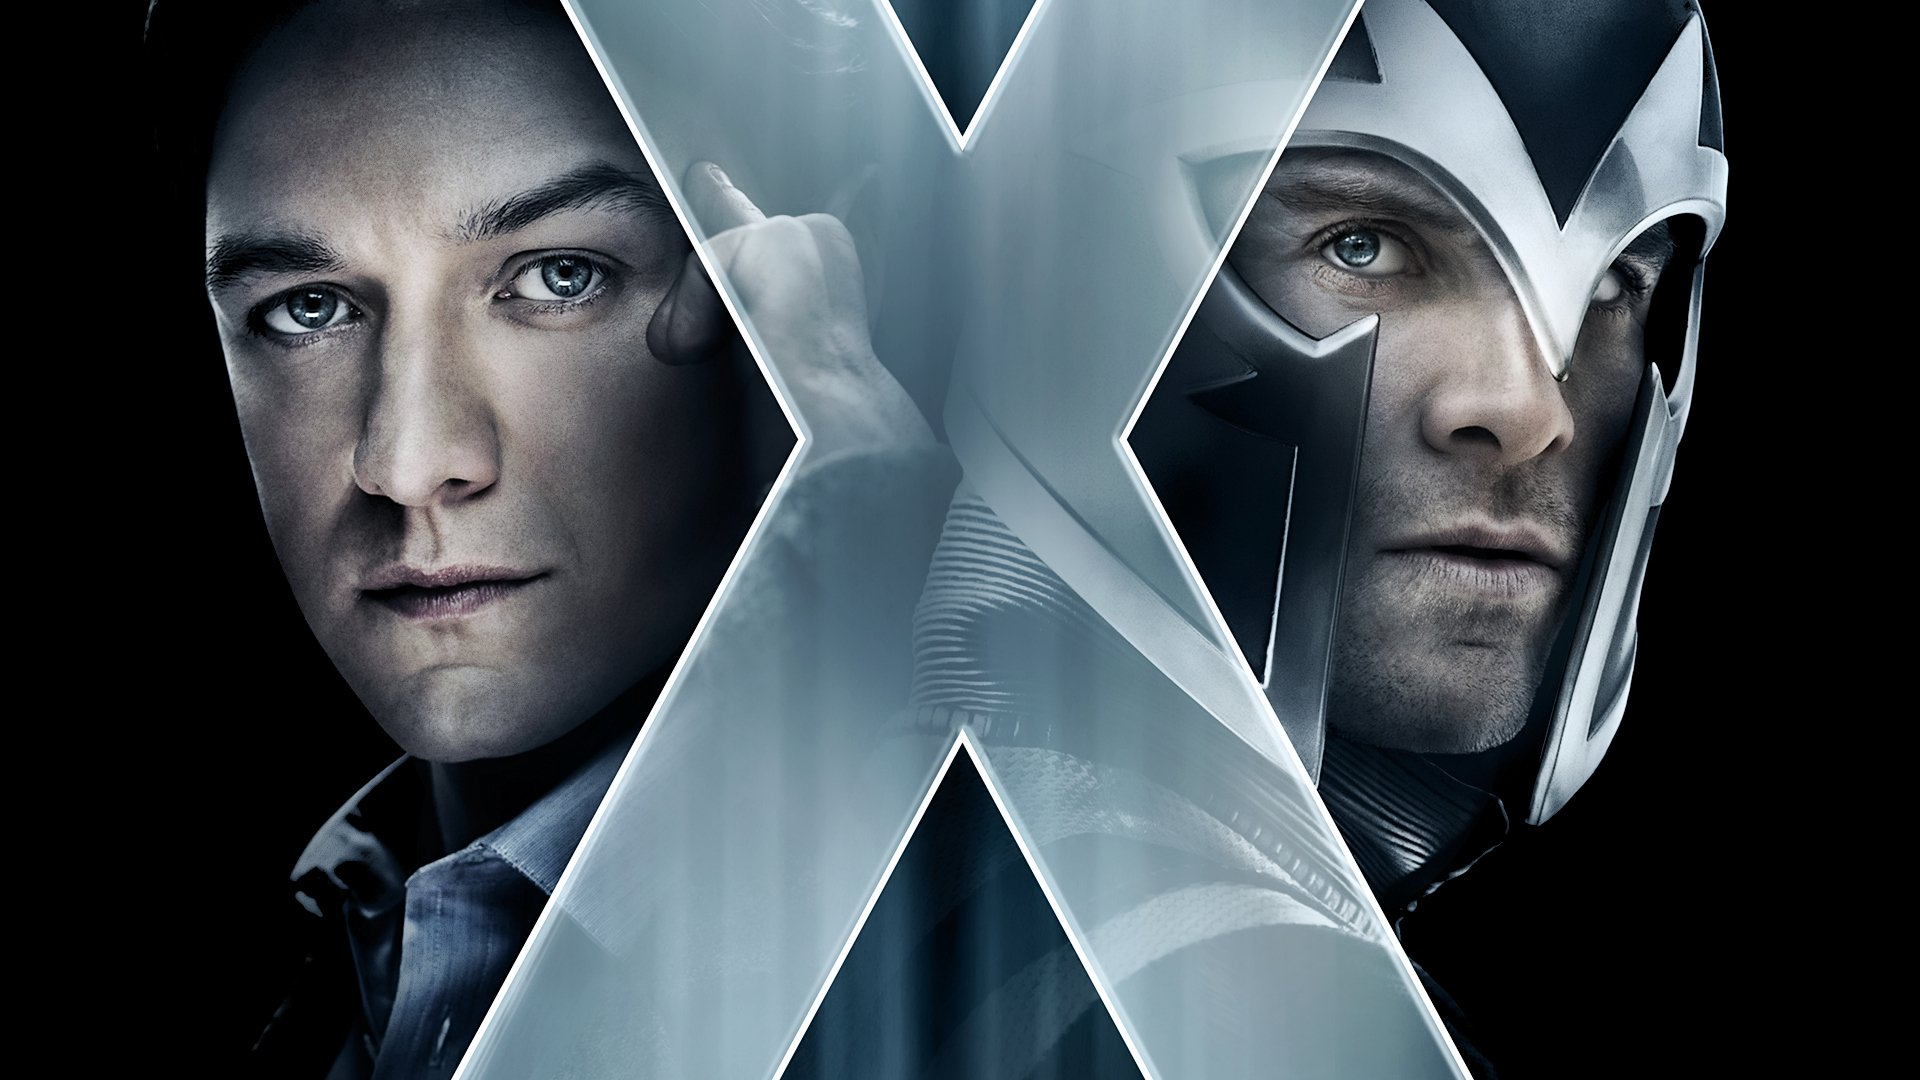 Critique / Avis film X-Men Le Commencement : les débuts géniaux de la nouvelle saga mutante